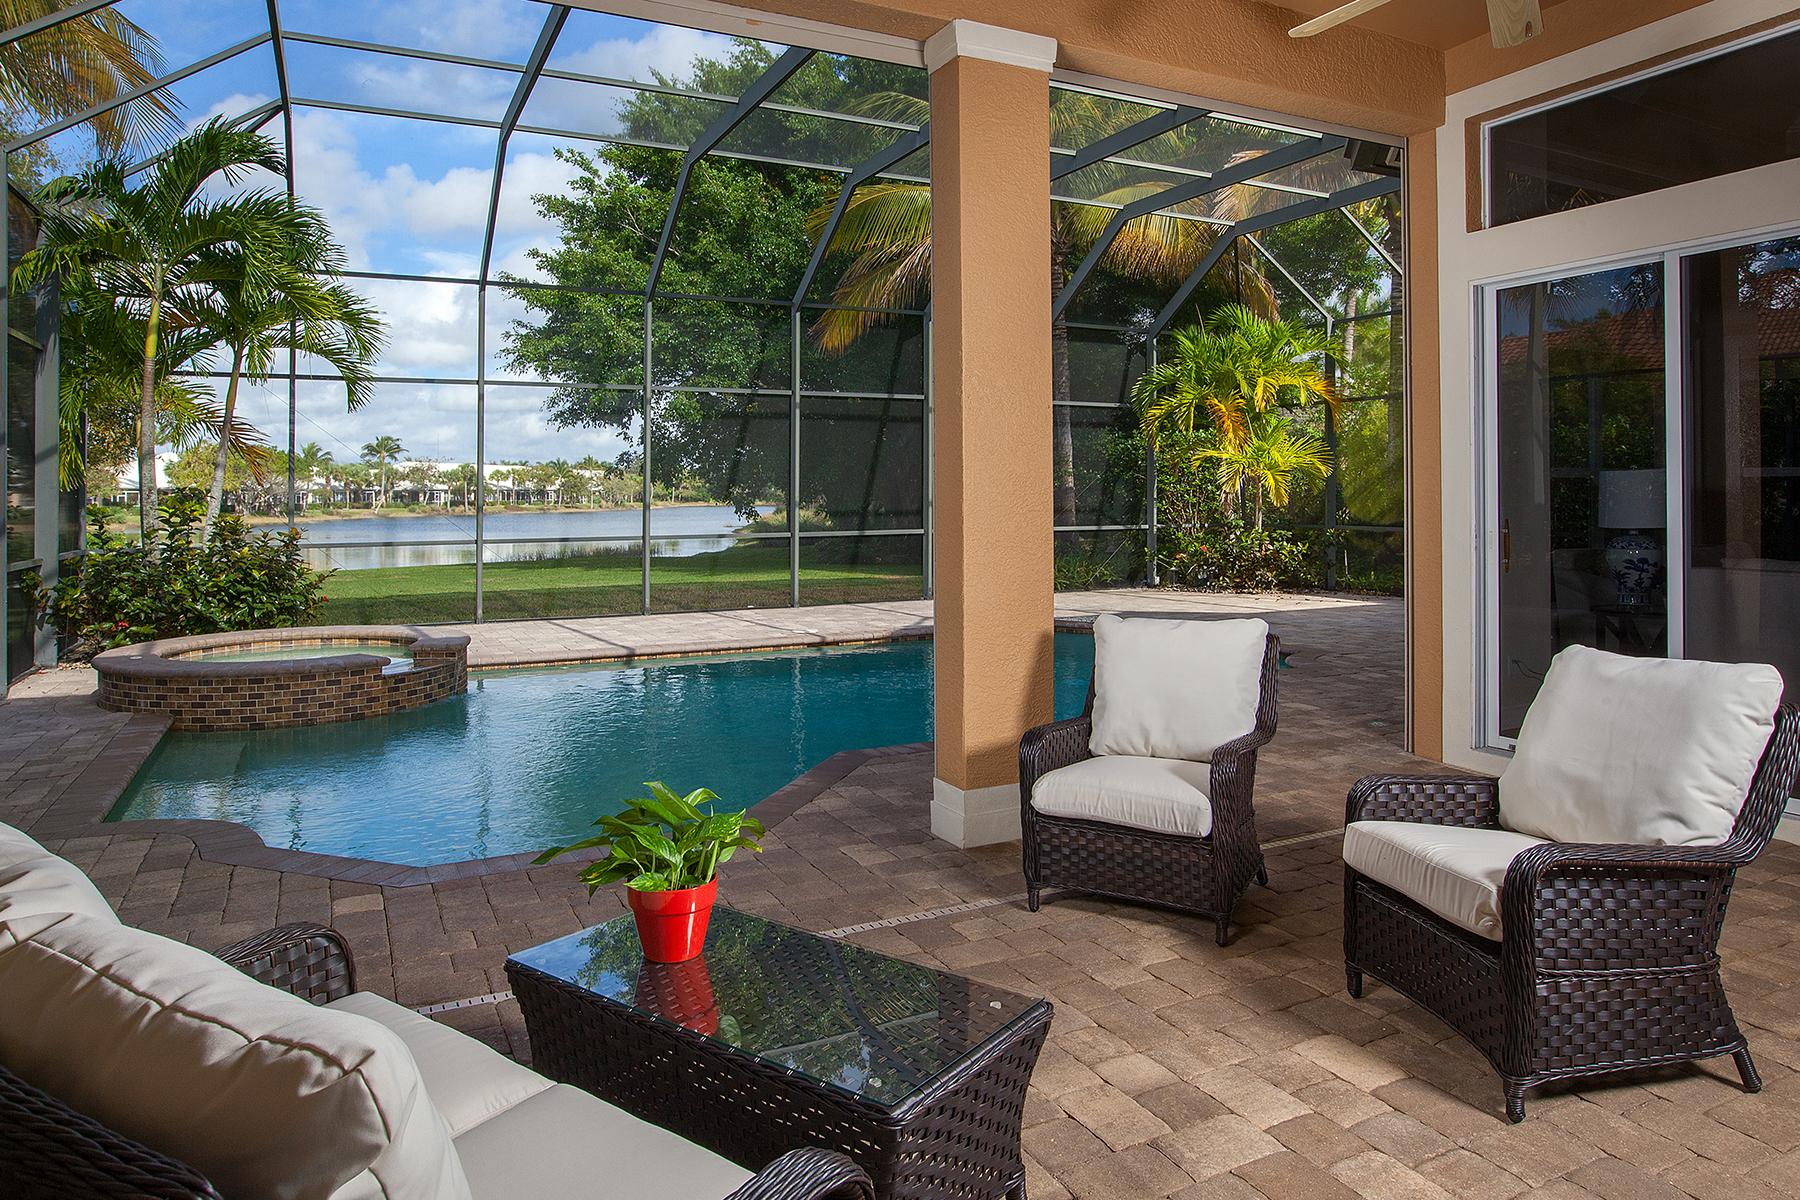 独户住宅 为 销售 在 FIDDLER'S CREEK - MULBERRY ROW 7669 Mulberry Ct 那不勒斯, 佛罗里达州, 34114 美国